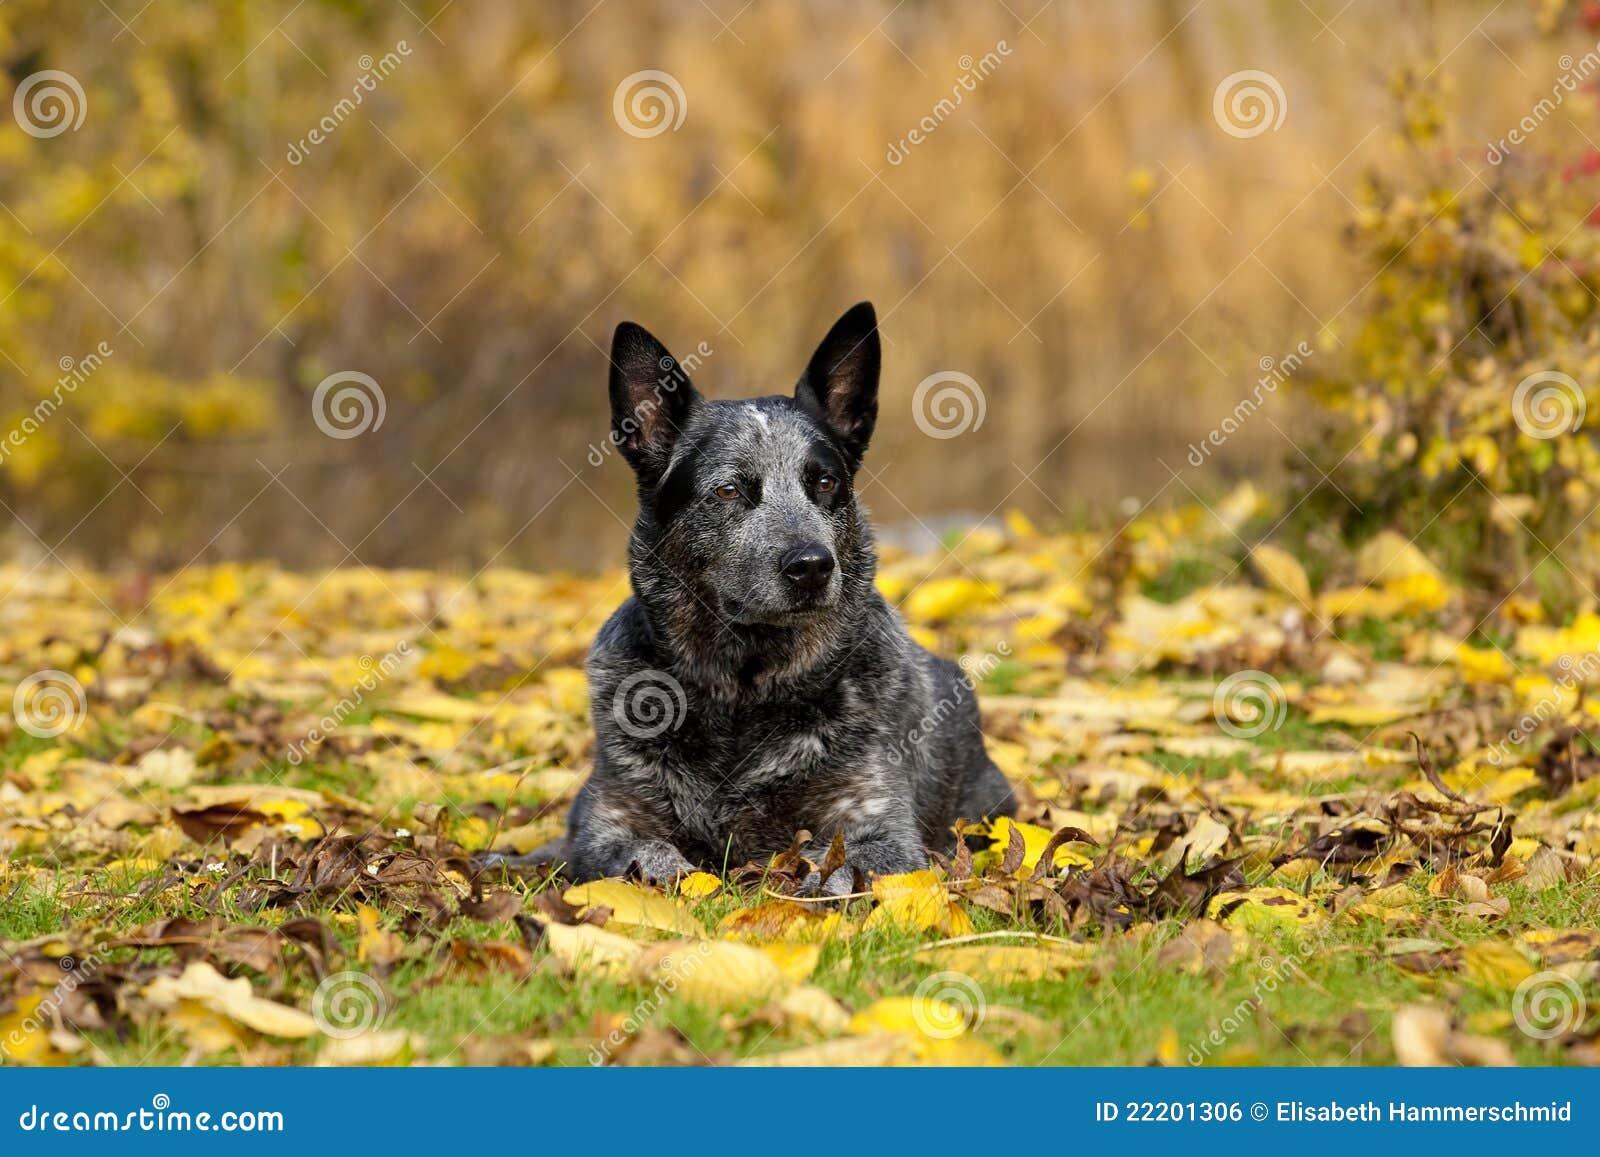 Australian Cattle Dog Male Portrait